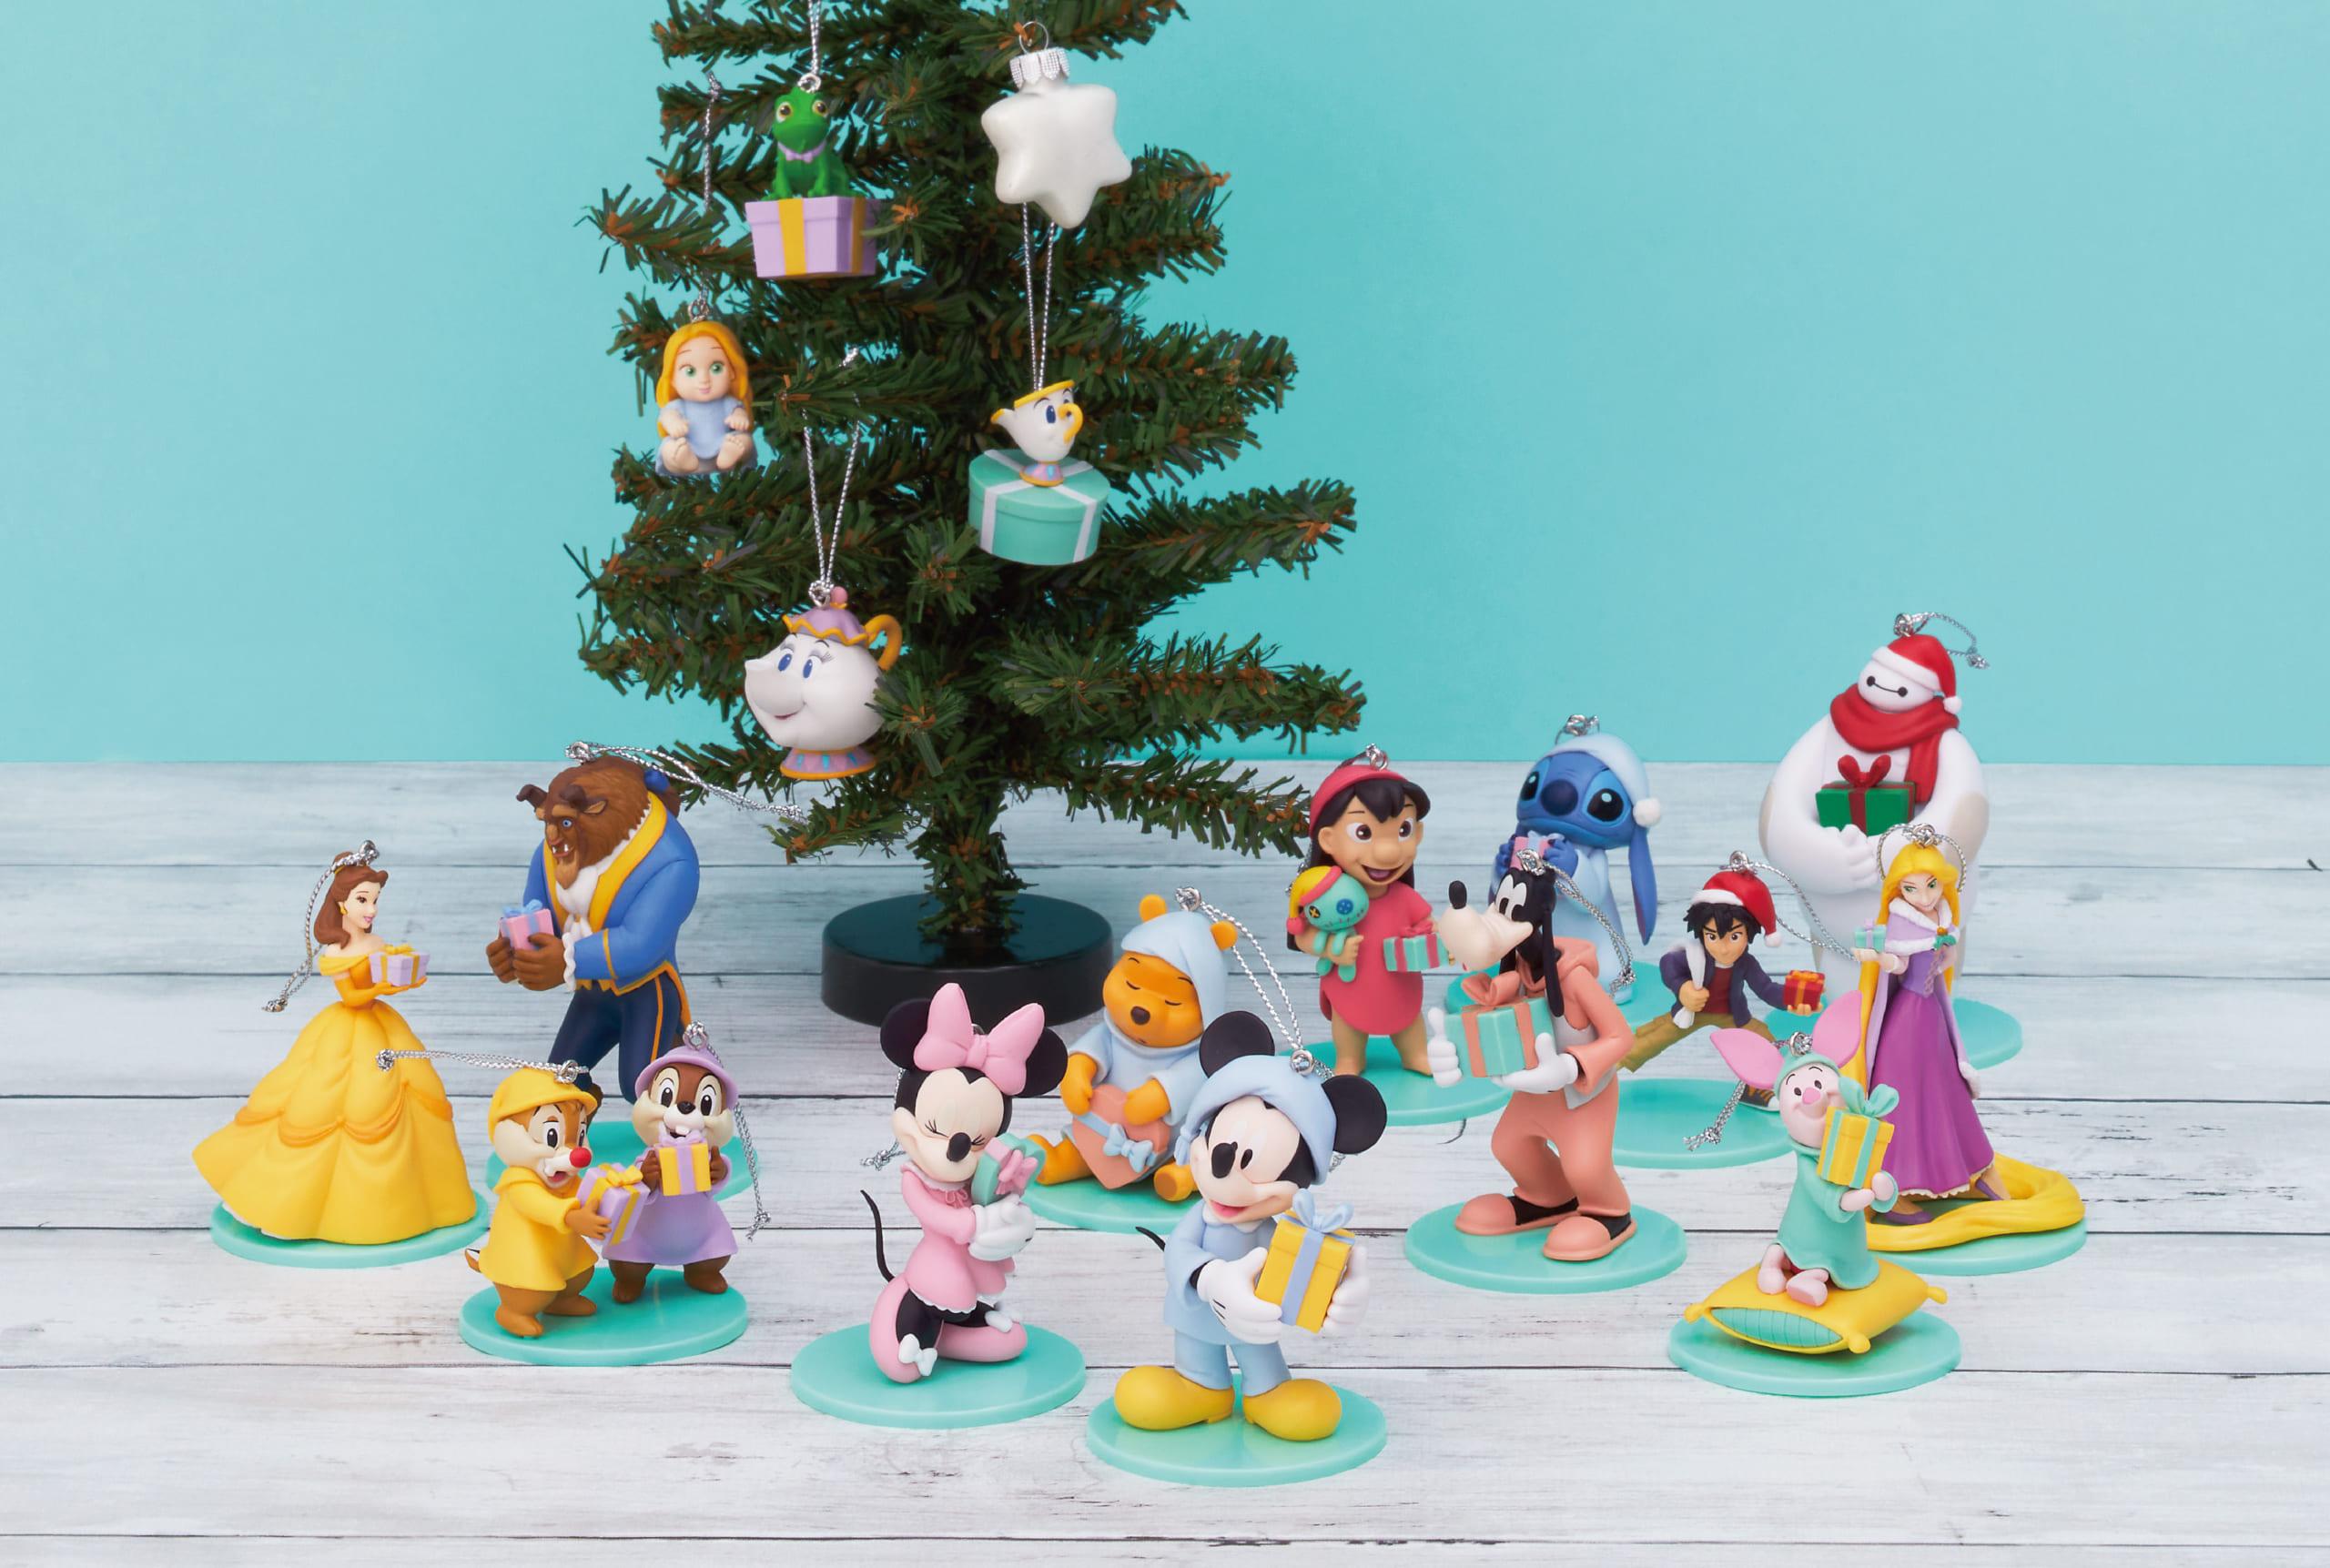 """「ディズニー」パジャマ姿のディズニーキャラたちがフィギュア化!""""クリスマスドリーム""""がテーマのHAPPYくじ登場"""